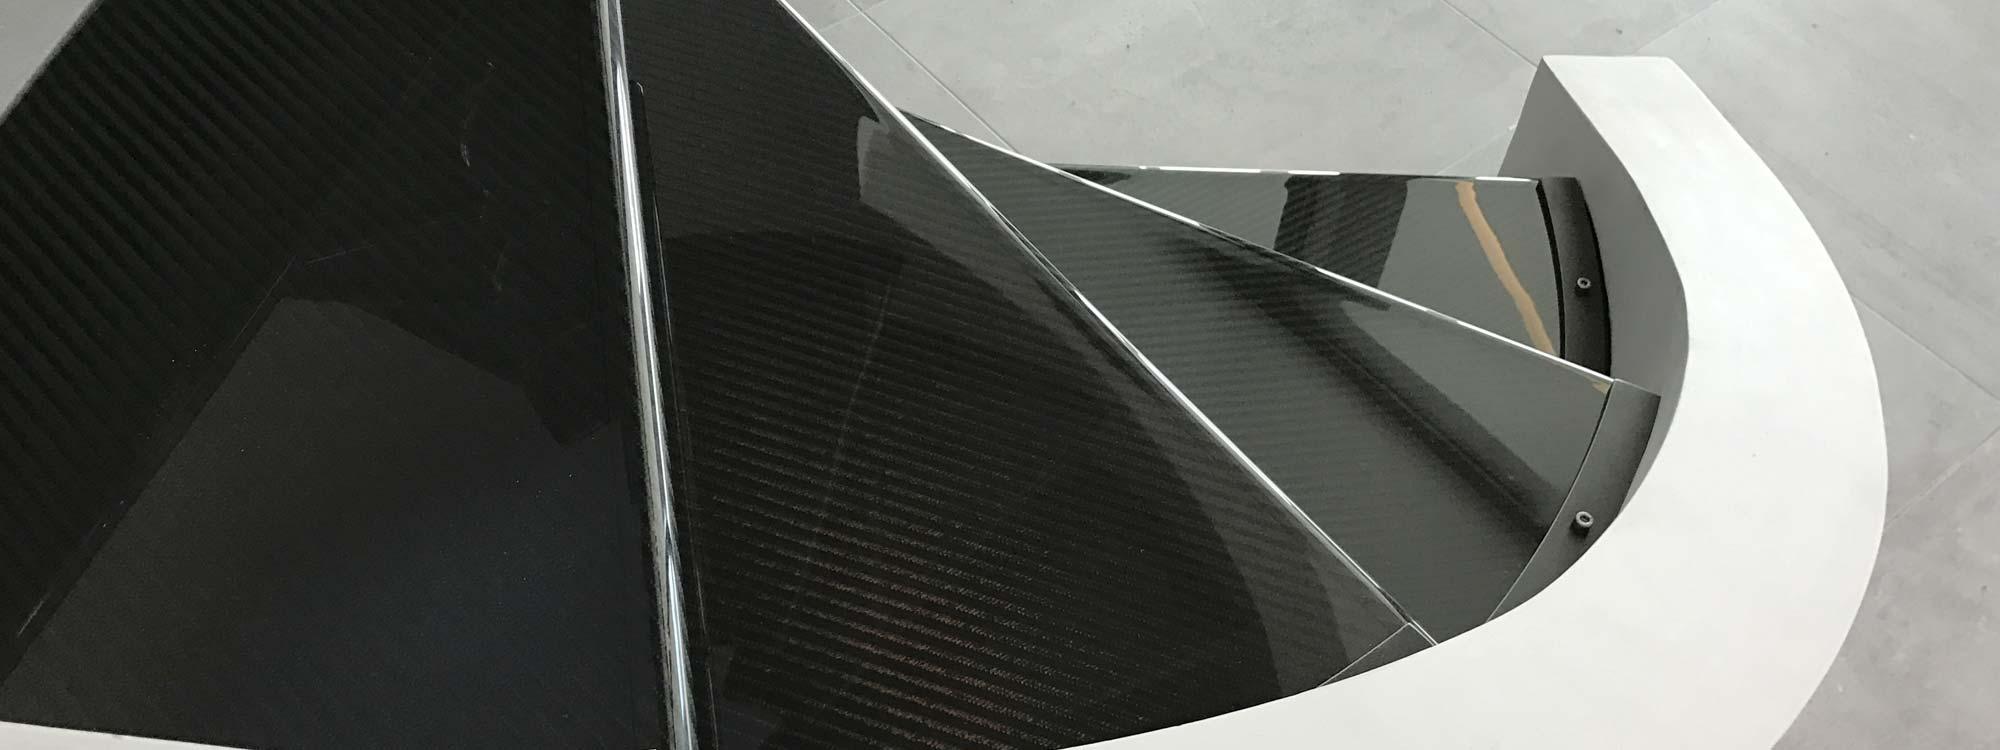 29 Rue De La Ferronnerie ferronnerie d'art lobligeois ,garde corps ,escaliers